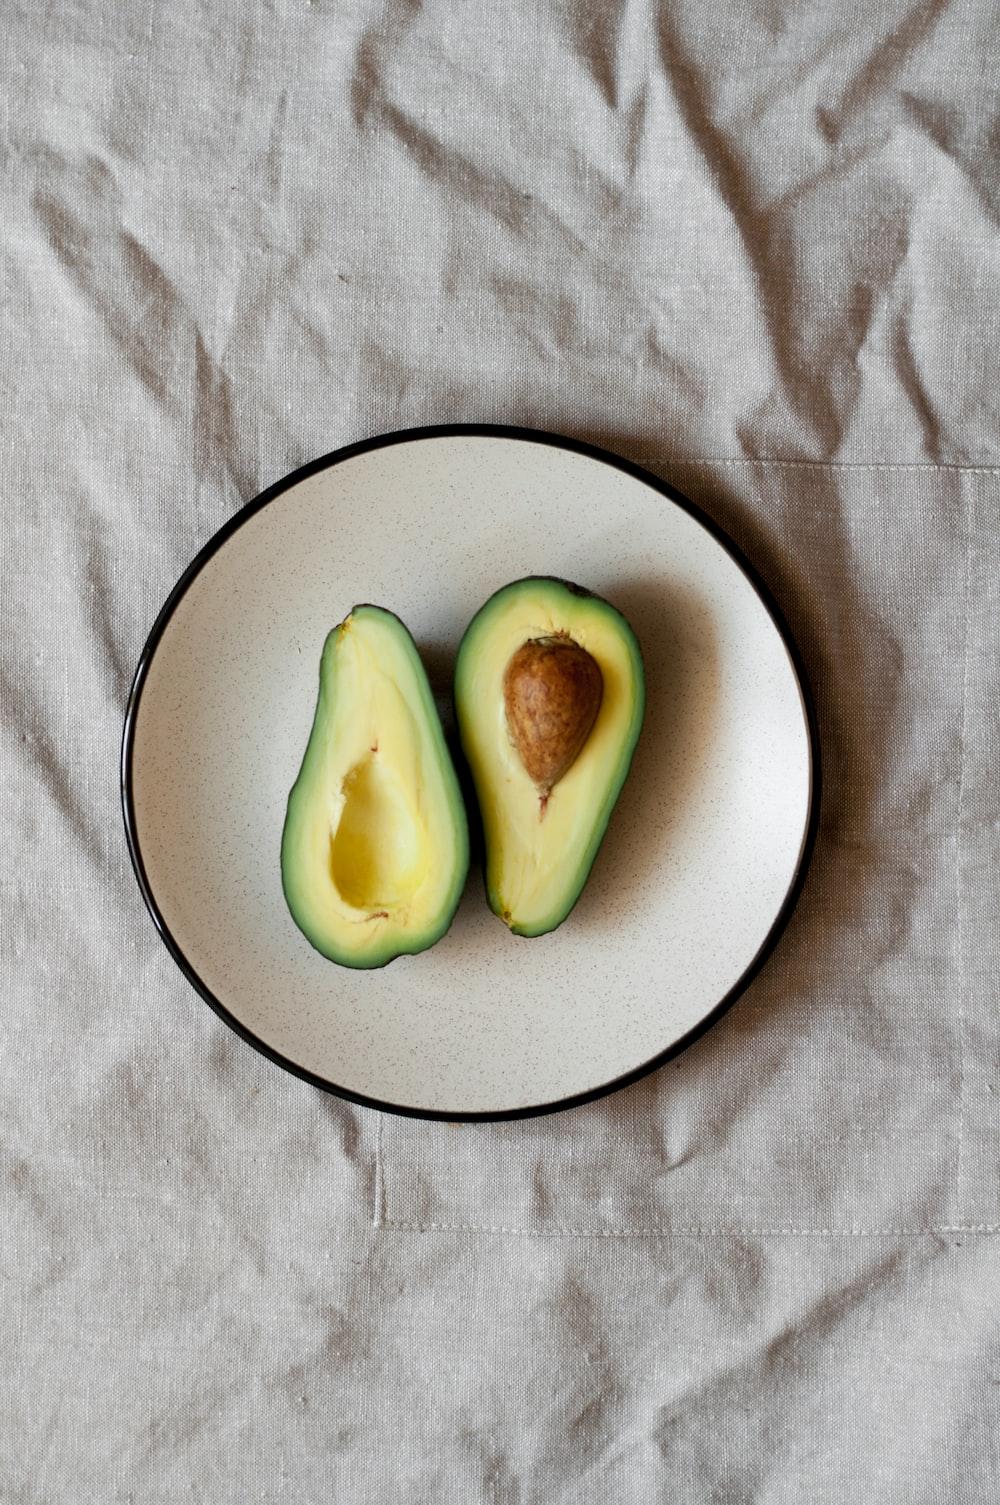 sliced avocado on plate